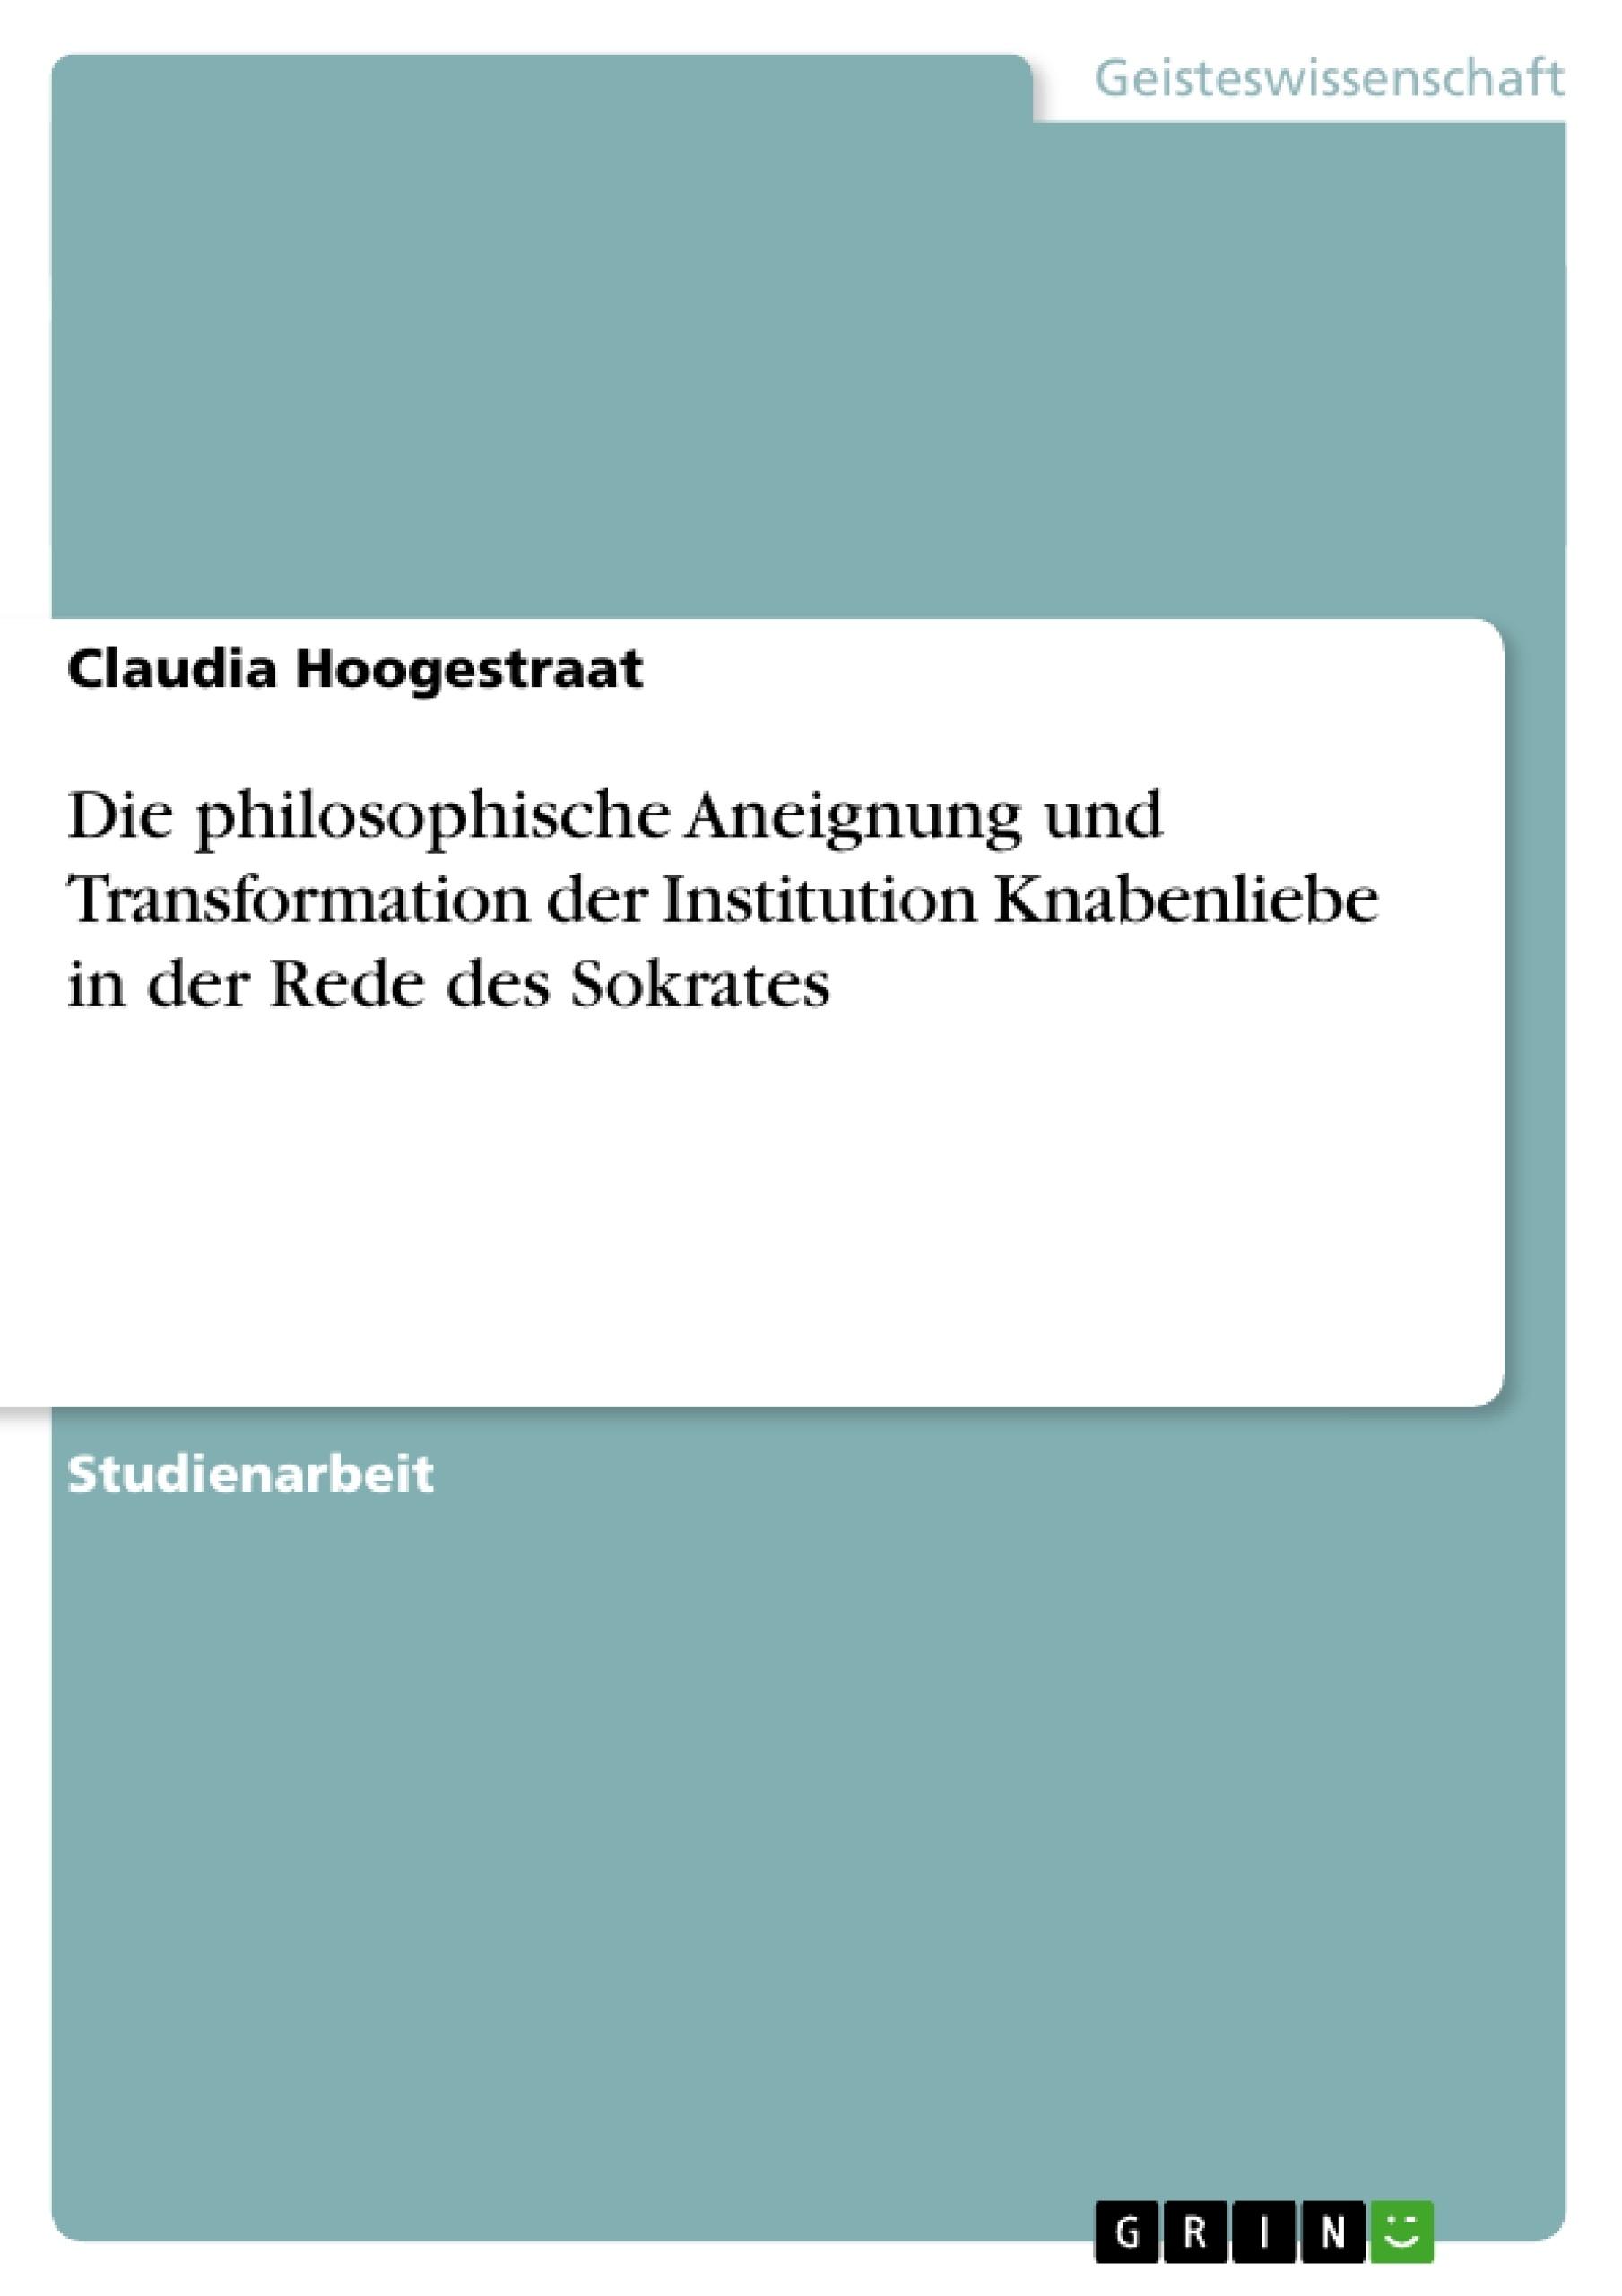 Titel: Die philosophische Aneignung und Transformation der Institution Knabenliebe in der Rede des Sokrates